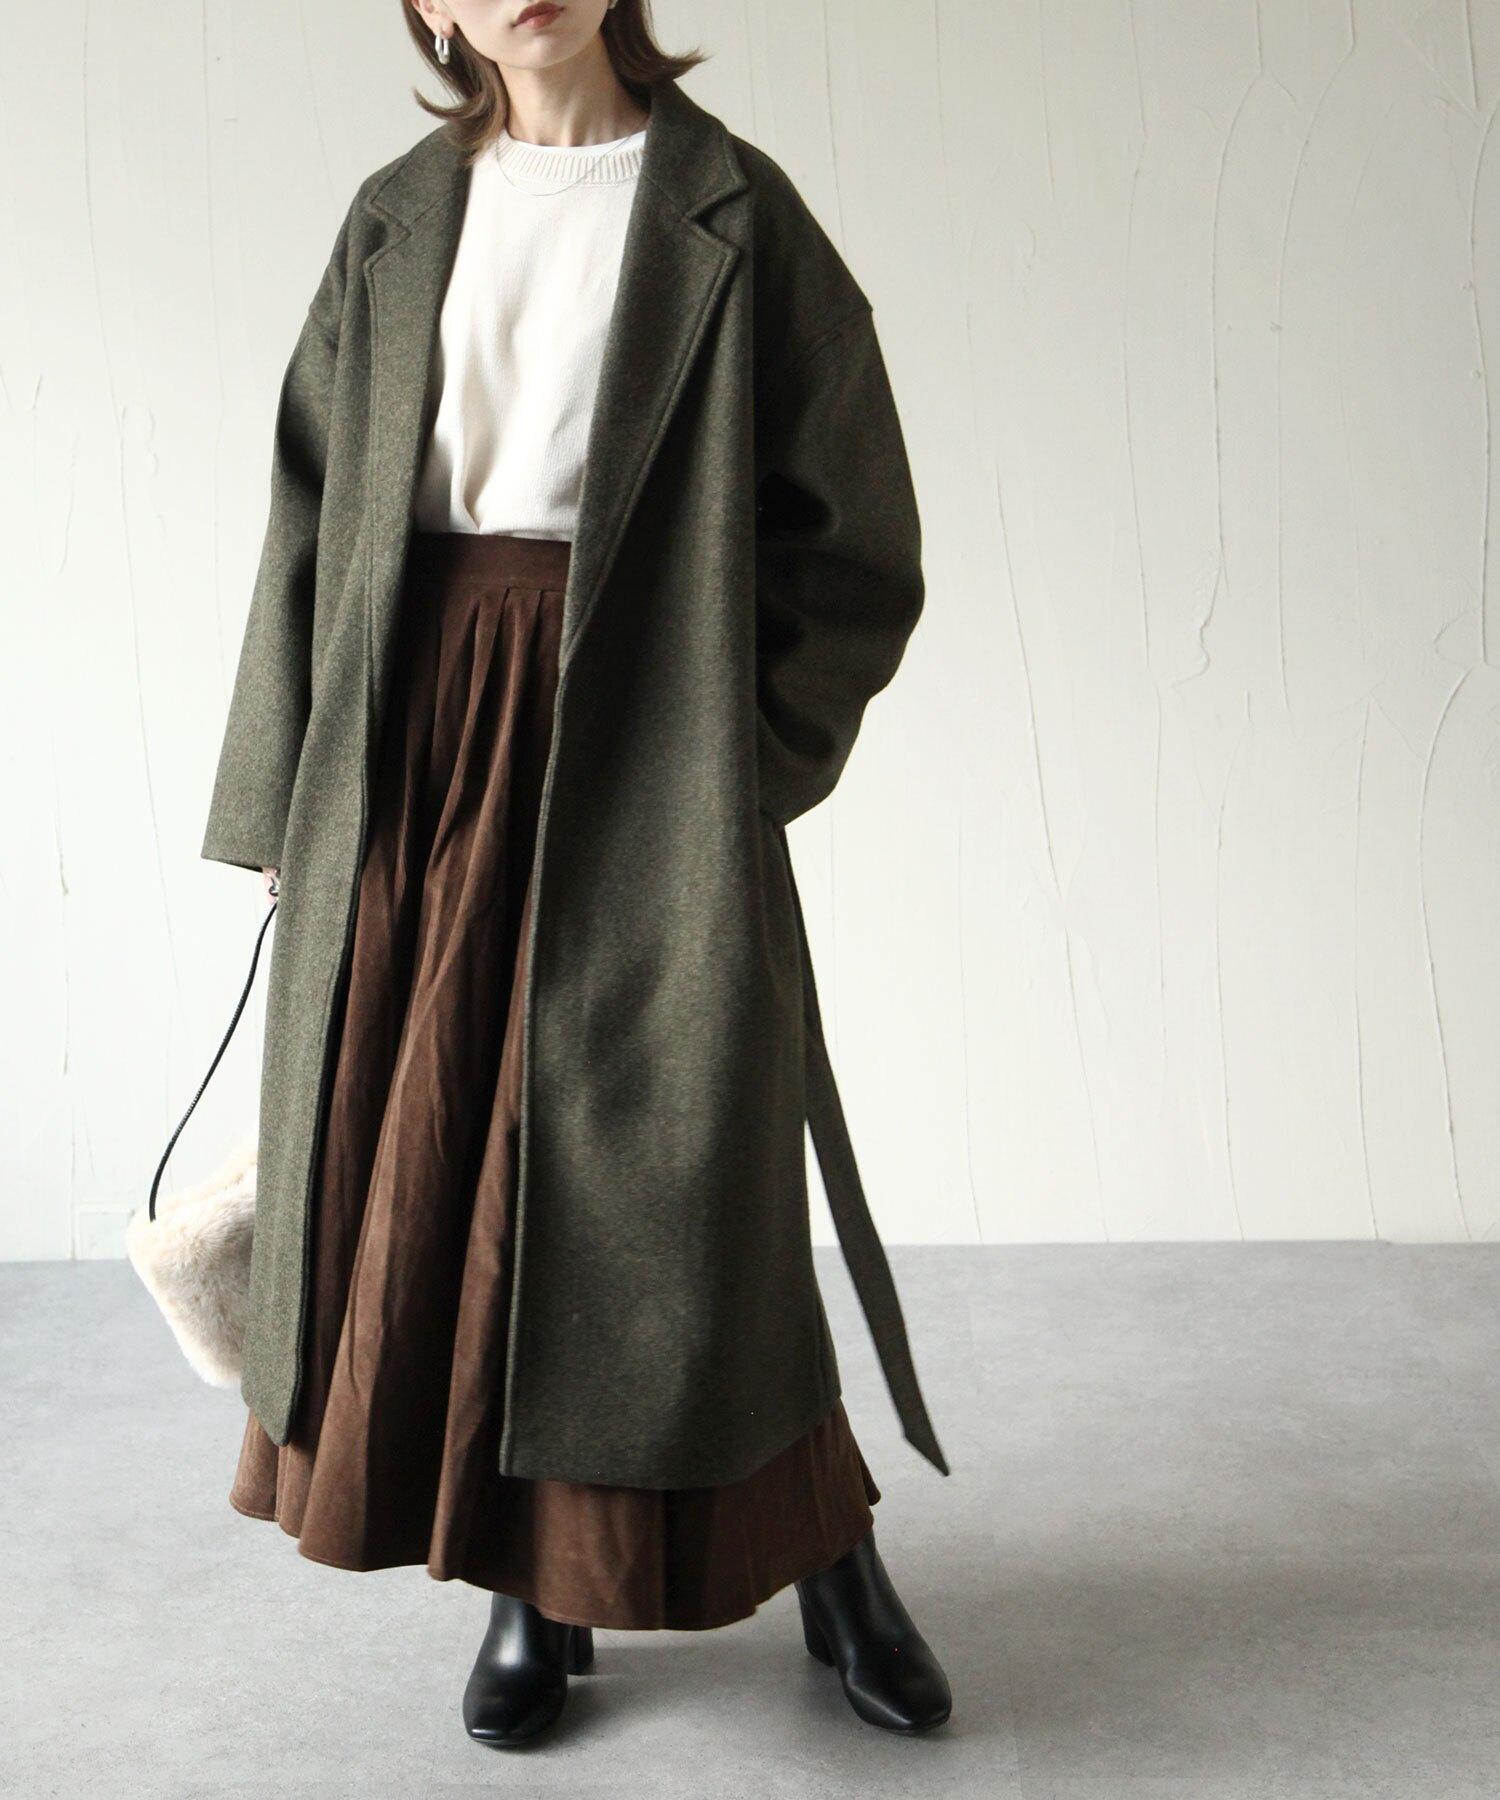 【現貨】【Chillfar】仿羊毛長大衣  中大碼可穿